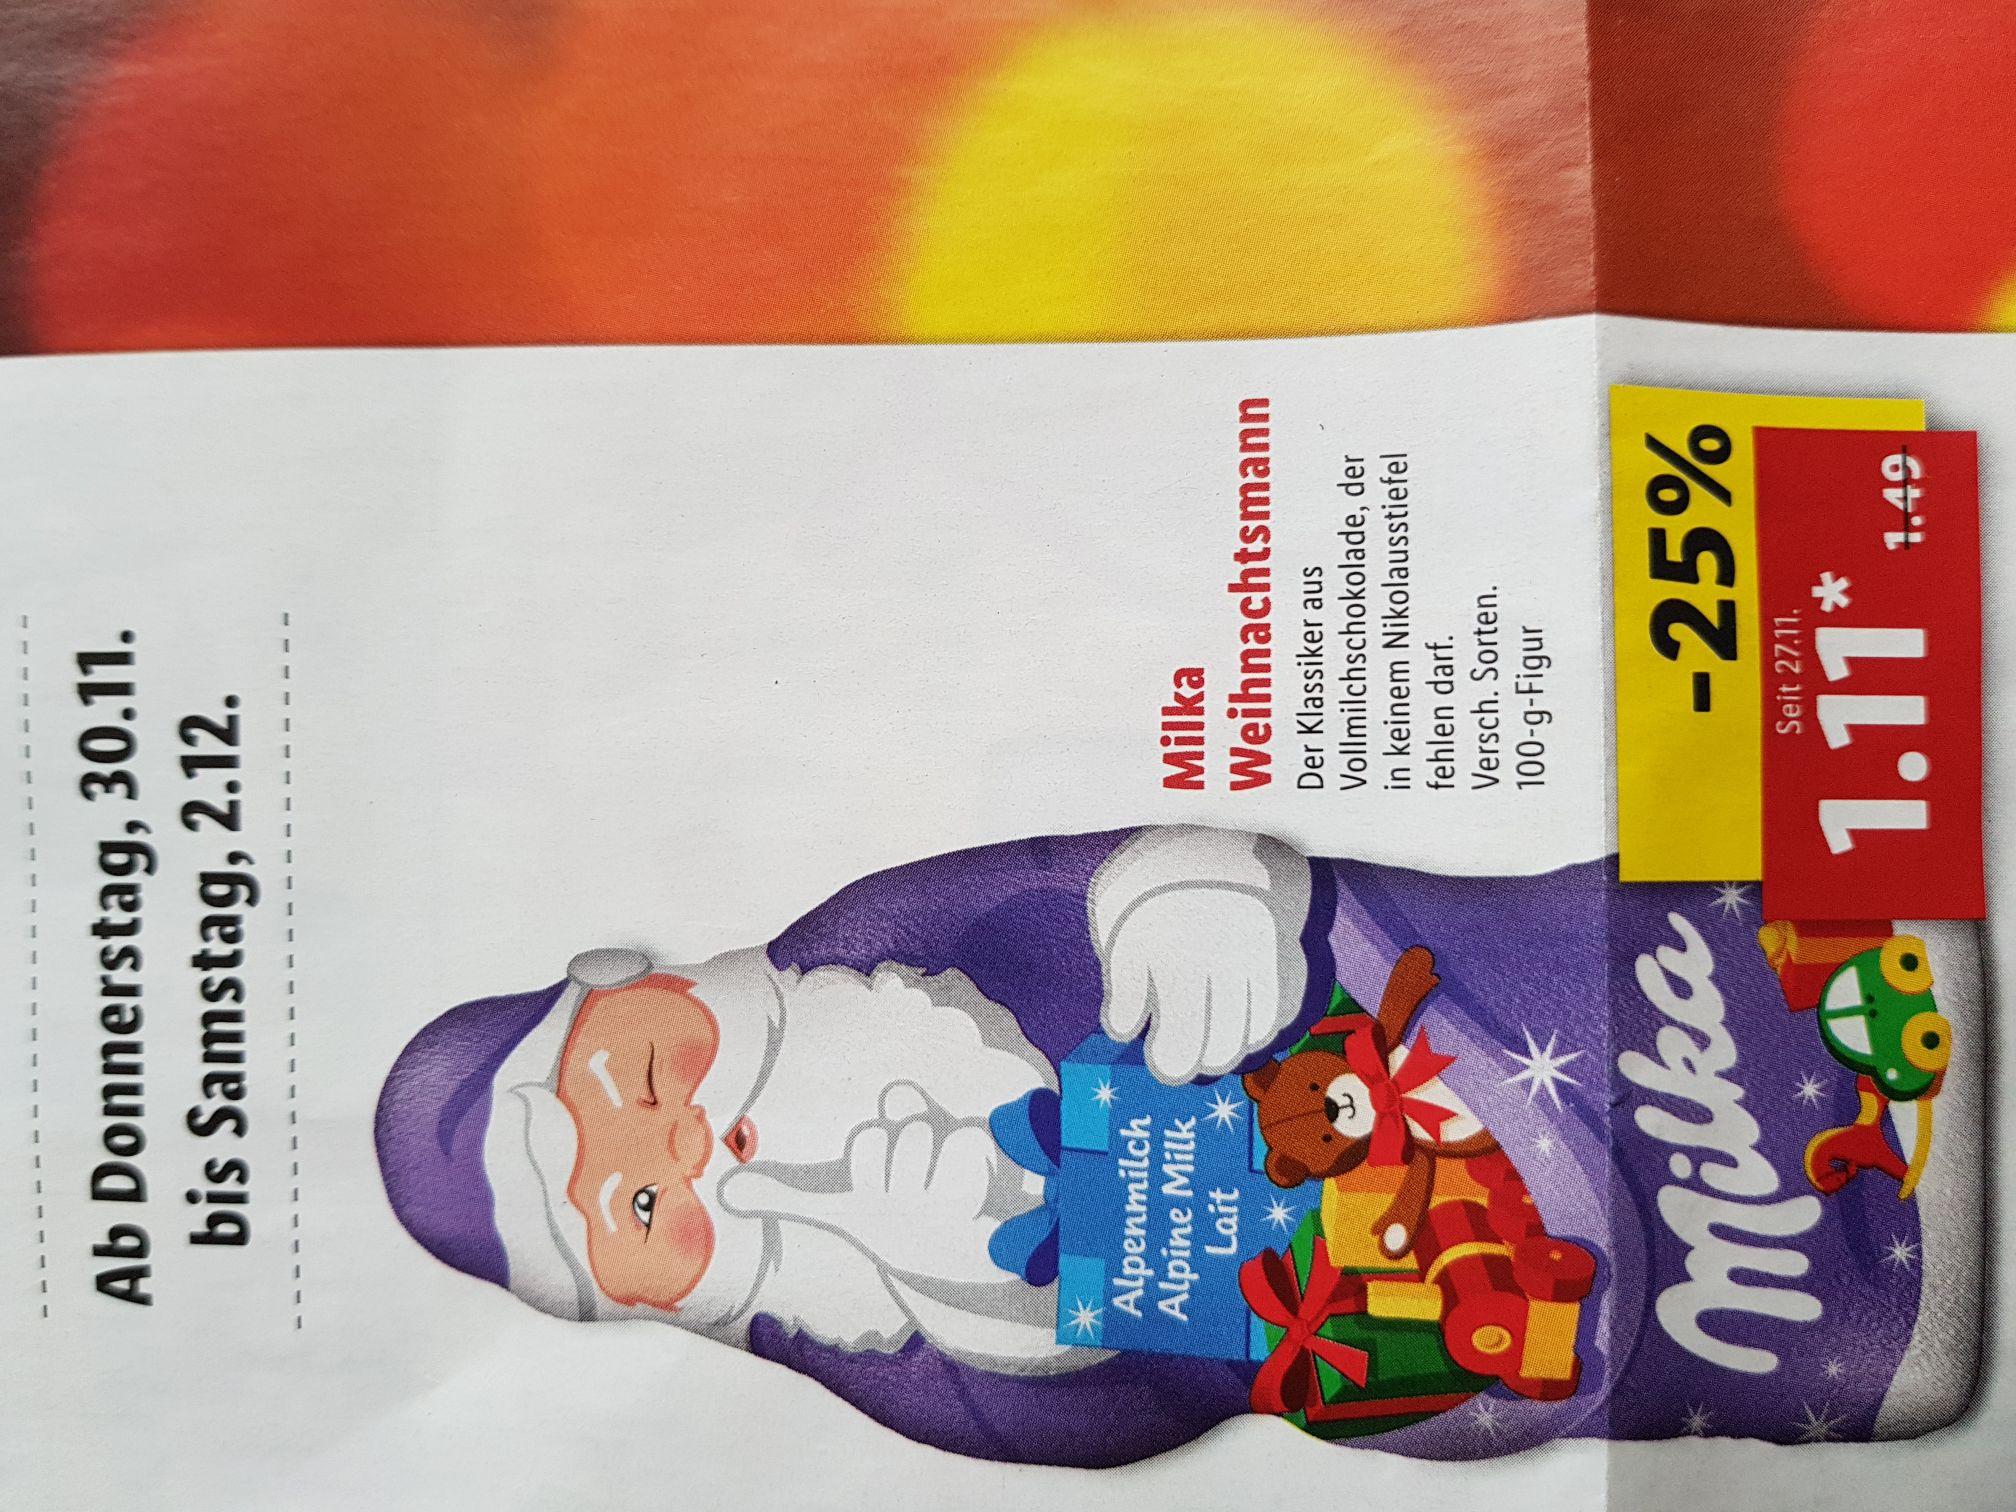 Milka Weihnachtsmann 100g bei Lidl und Rewe für 1.11€